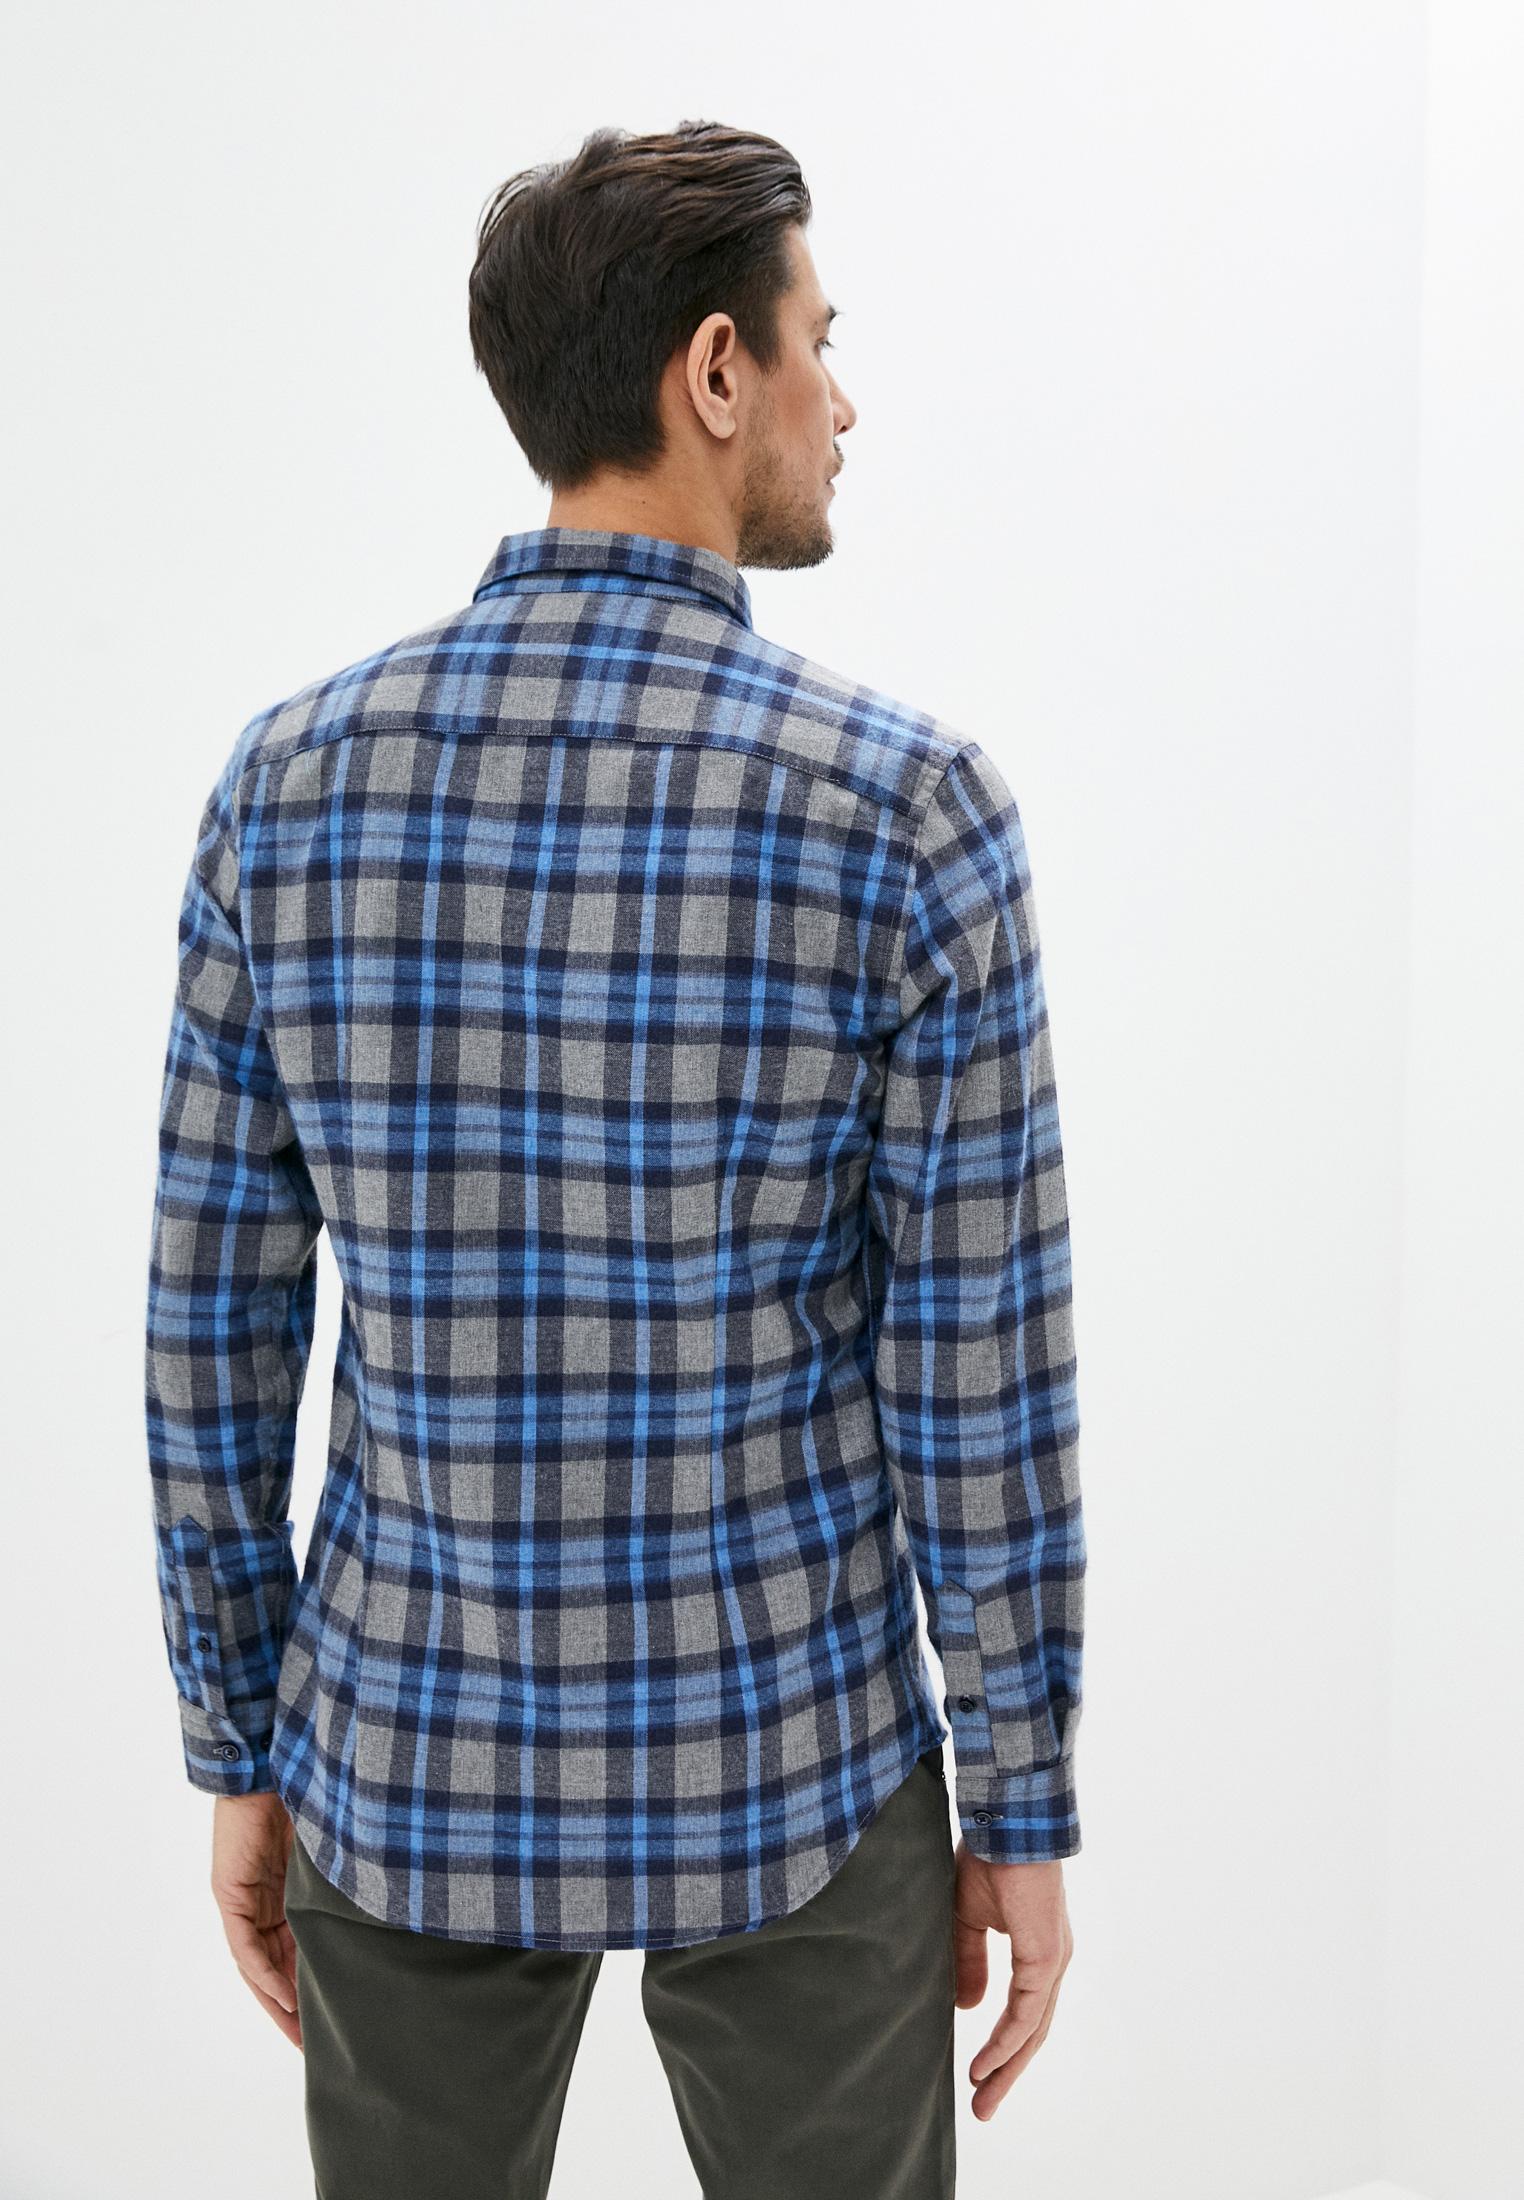 Рубашка с длинным рукавом JIMMY SANDERS (Джимми Сандерс) 20W SHM3101 NAVY: изображение 3